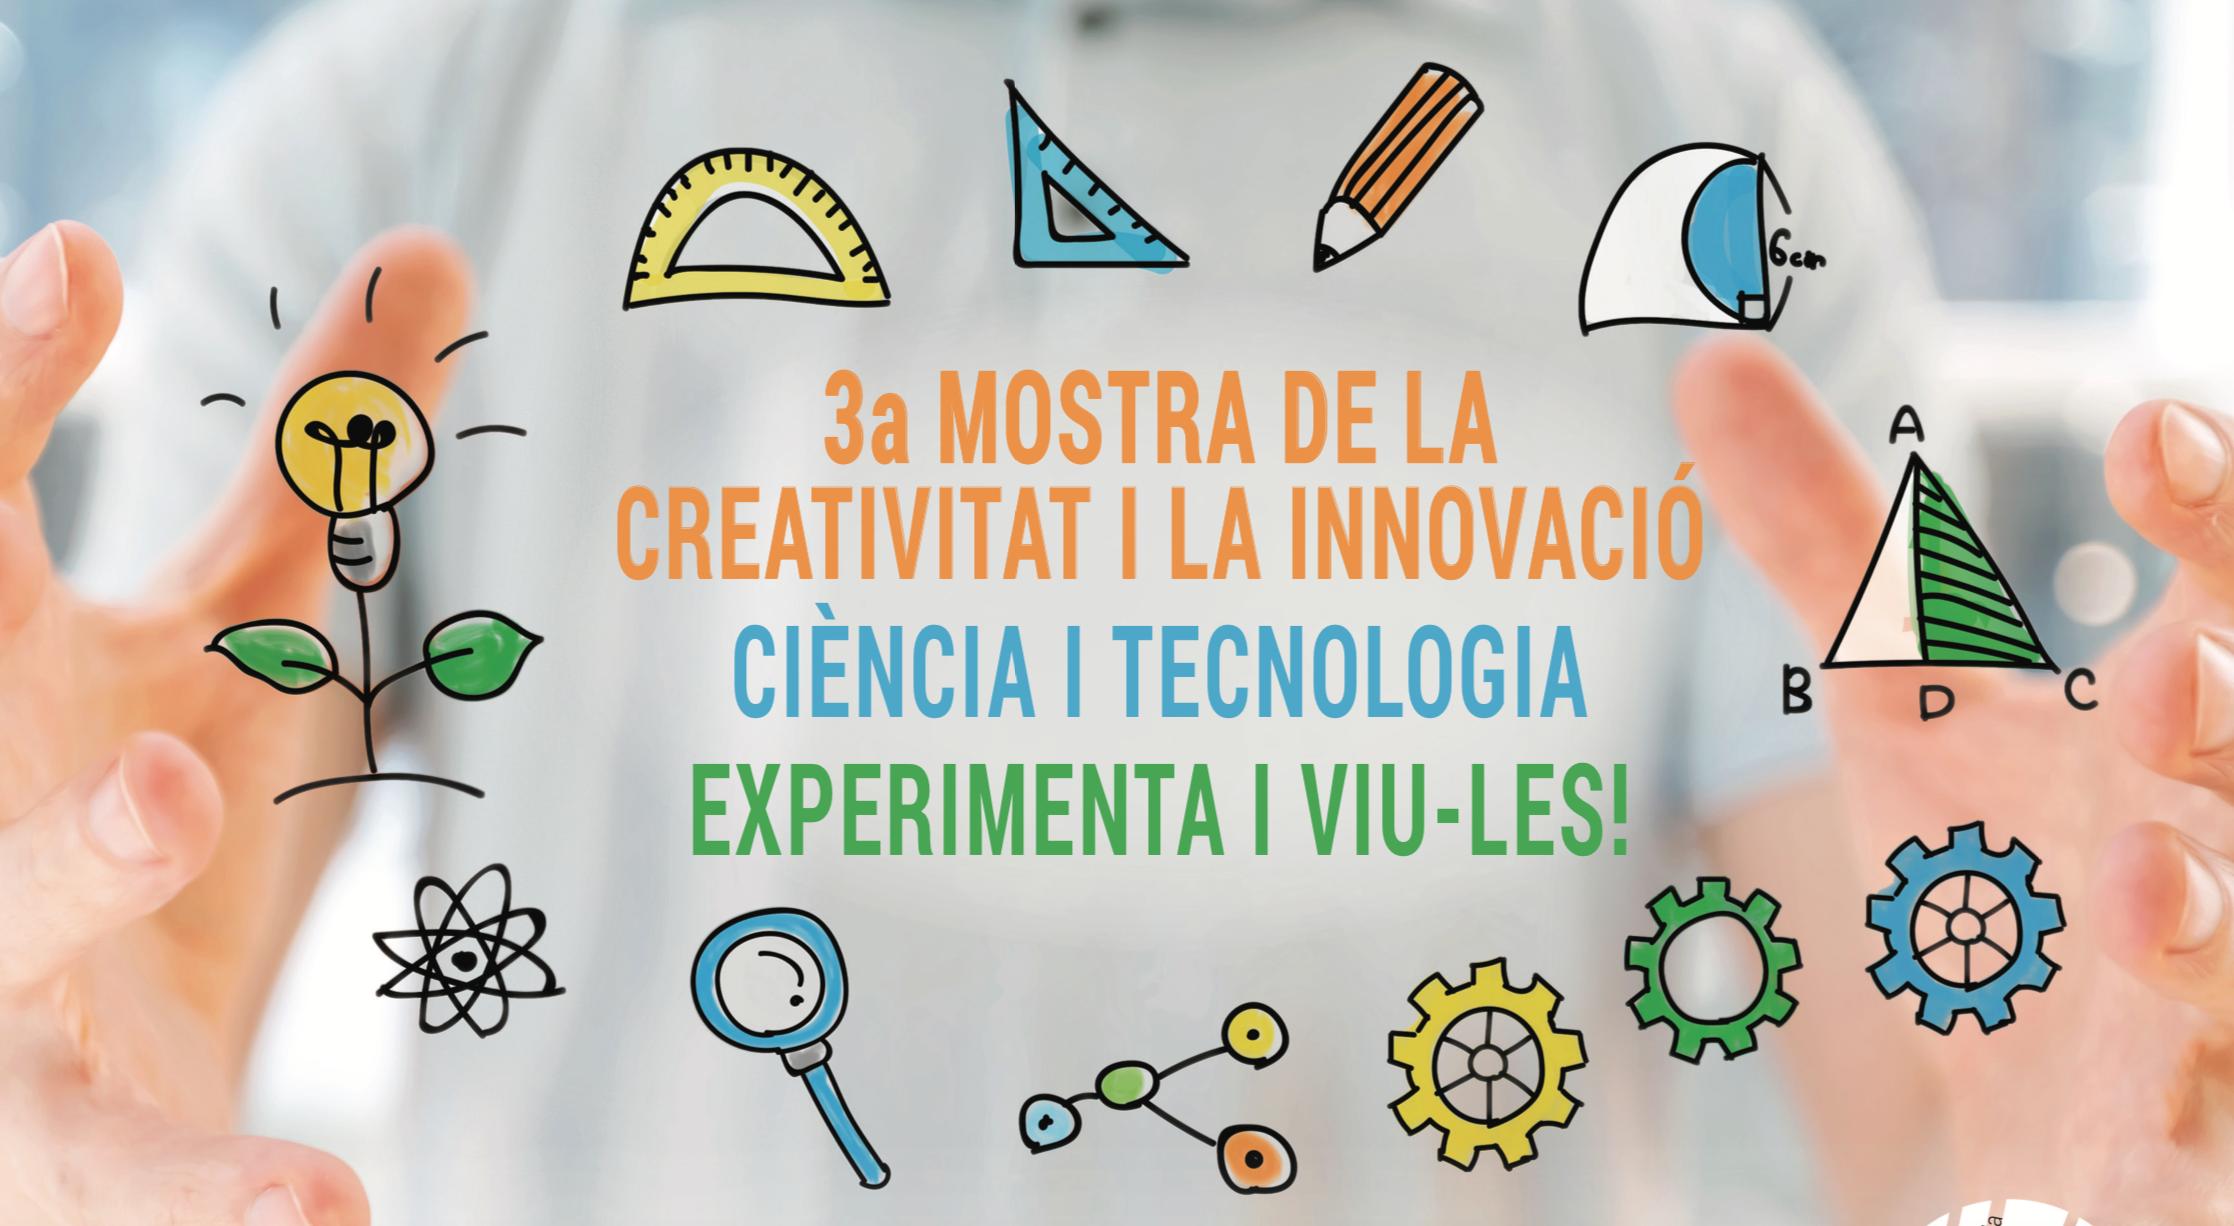 Citilab Participa En La Tercera Mostra De La Creativitat I La Innovació: Robòtica I Vídeo-currículums!